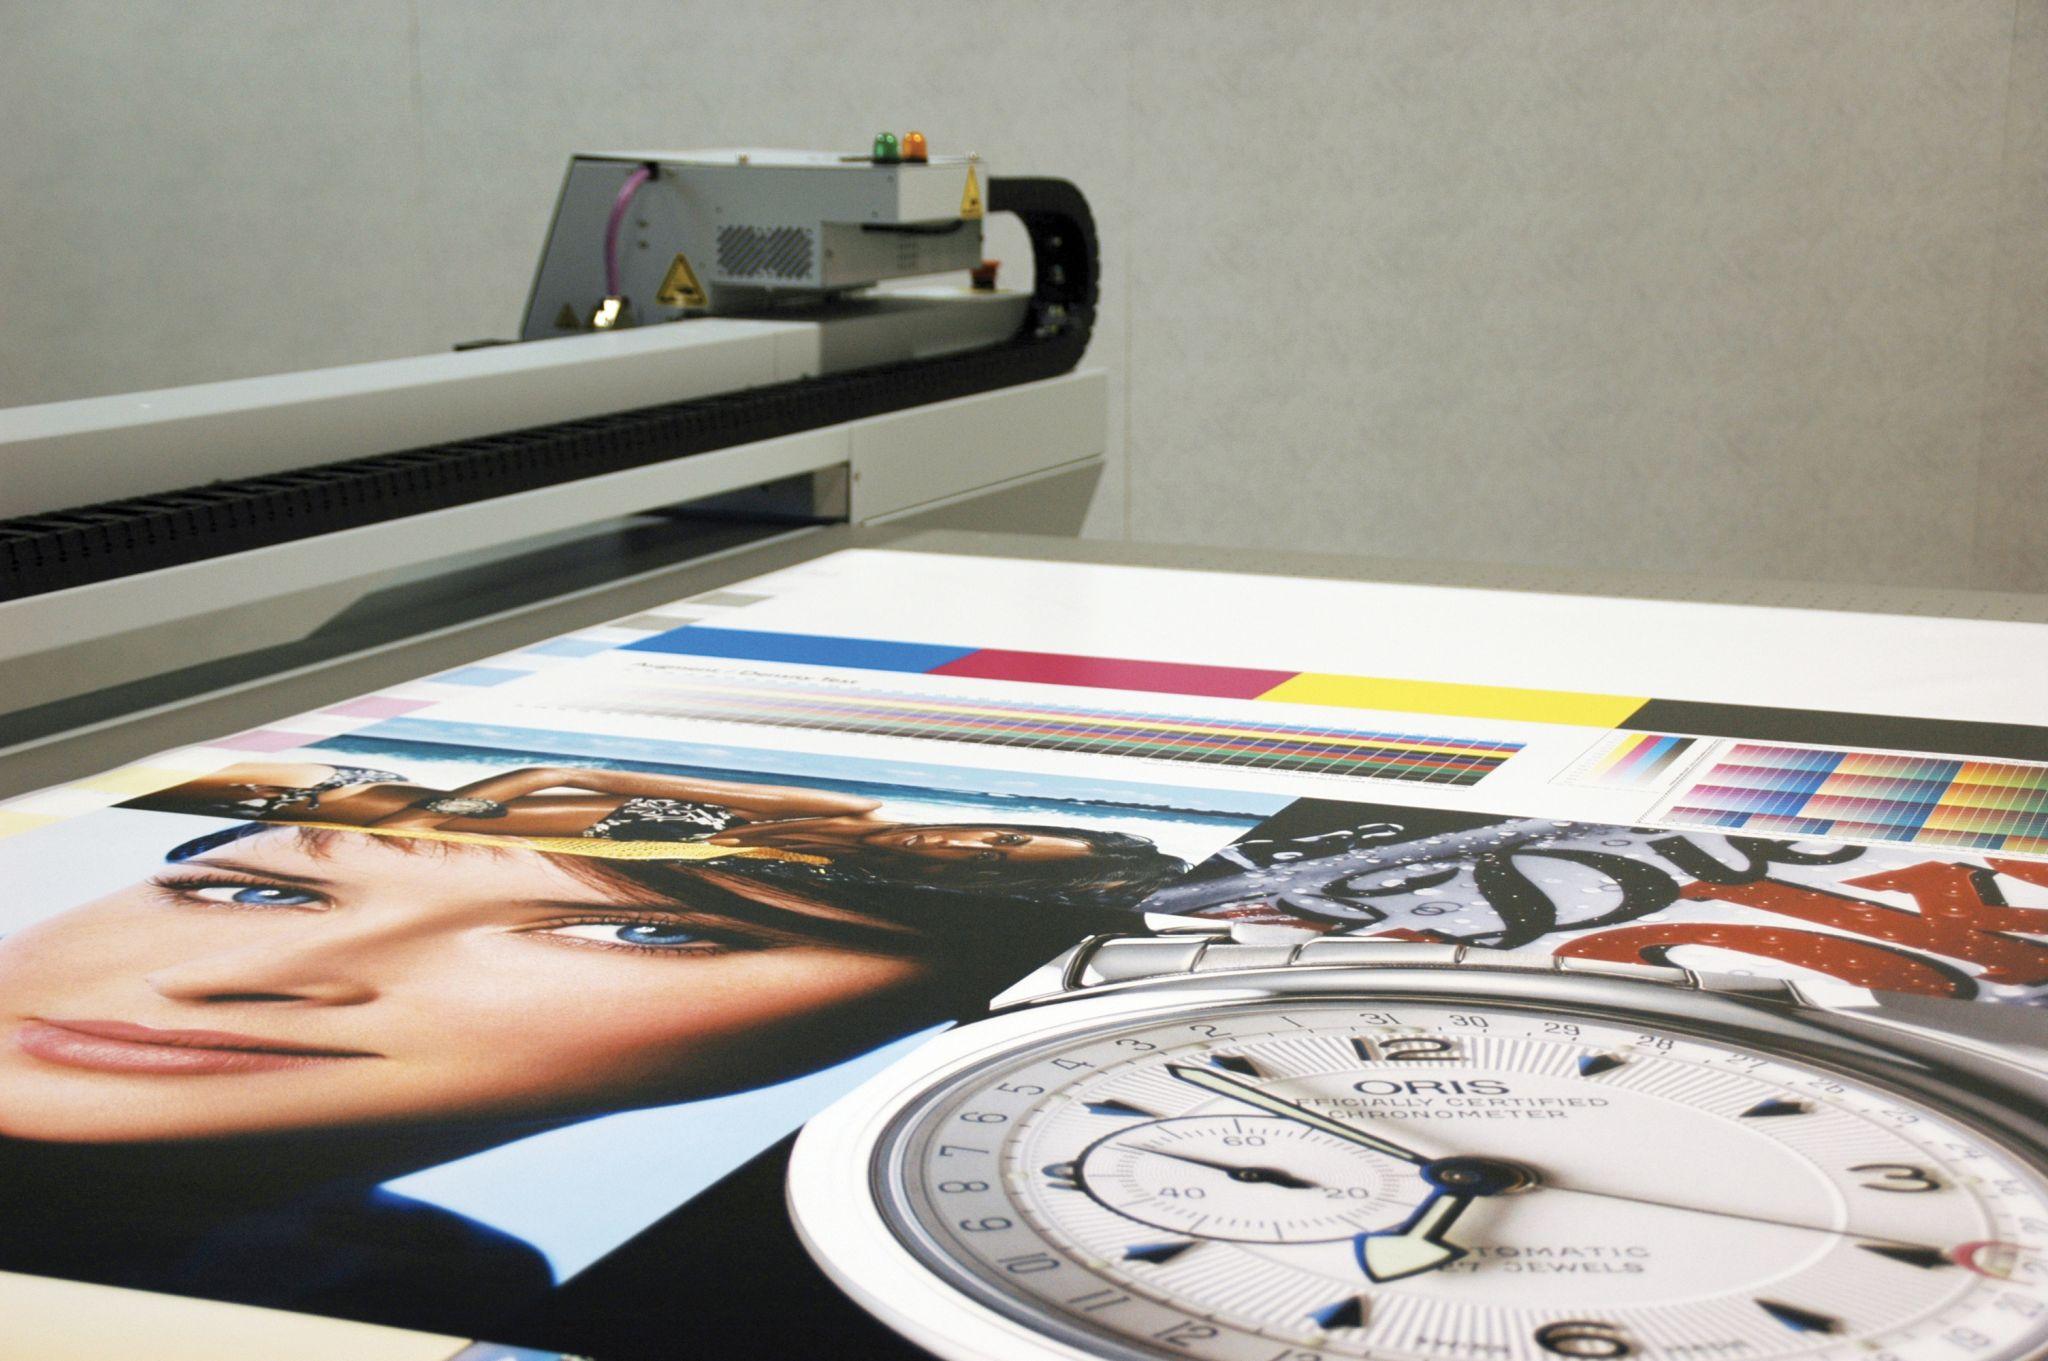 Широкоформатная печать на бумаге в Типографии